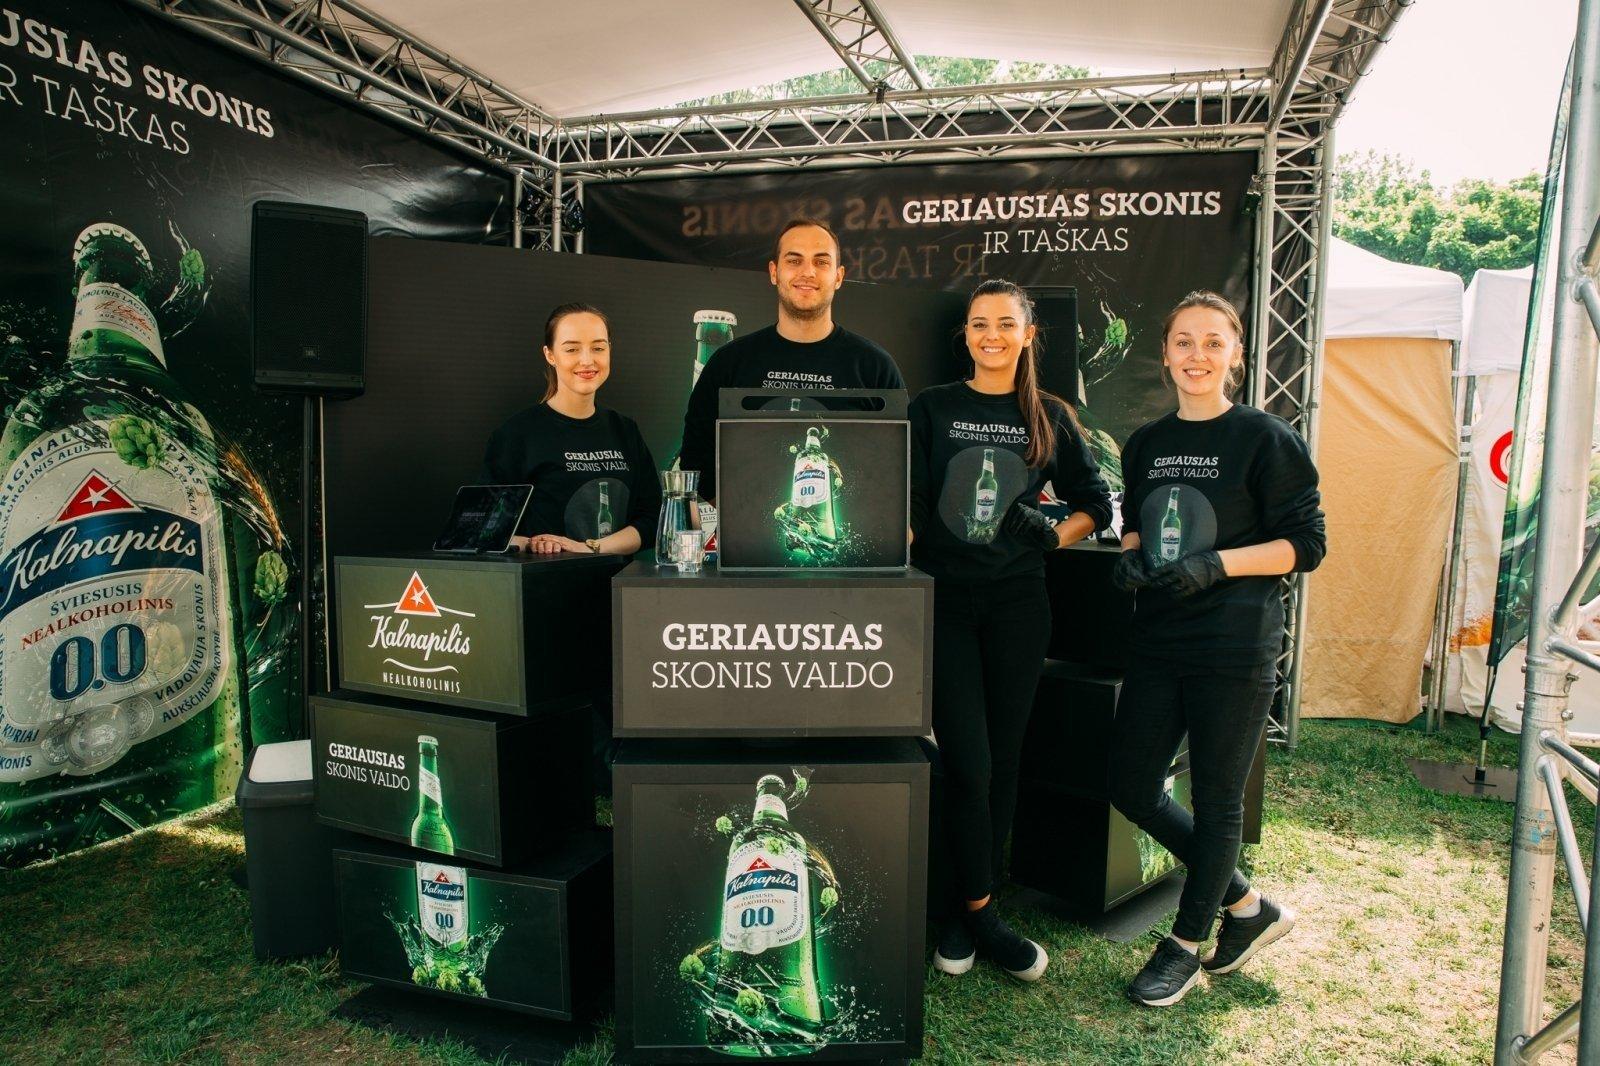 Kalnapilis Nealkoholinis – Nr.1 šviesiojo nealkoholinio alaus pasirinkimas Lietuvoje